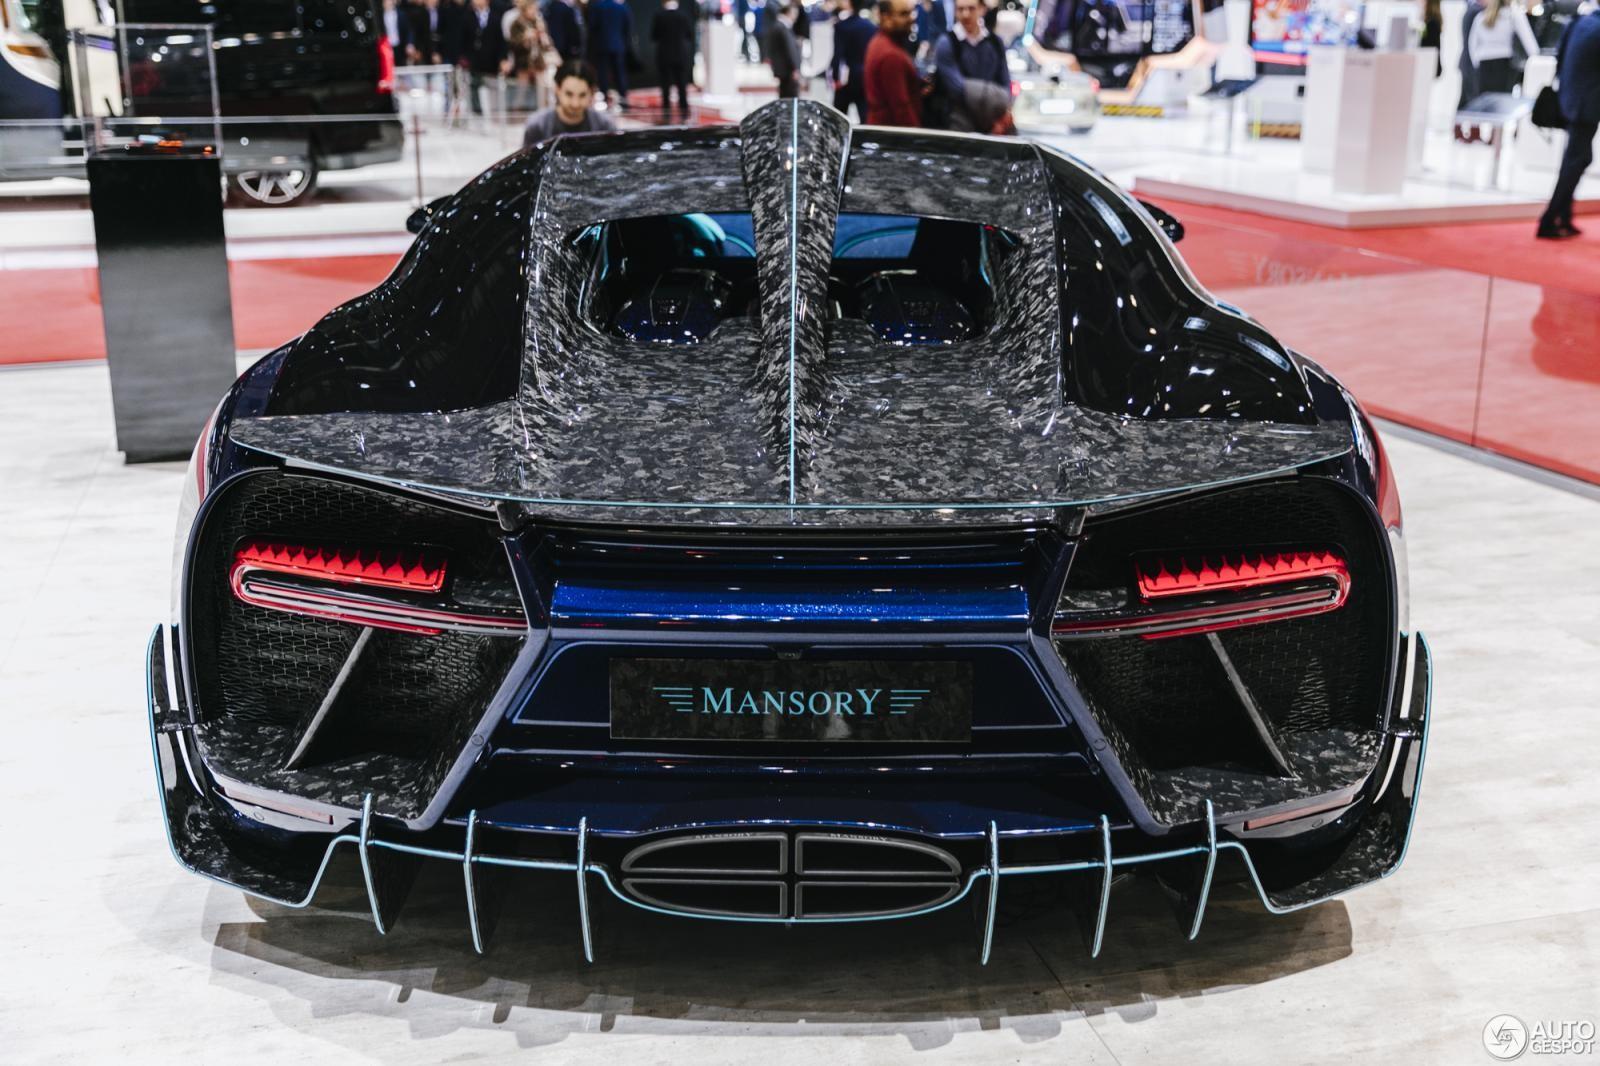 Trên nóc xe Bugatti Chiron Centuria kéo dài ra phía đuôi xe còn có 1 cánh gió giả